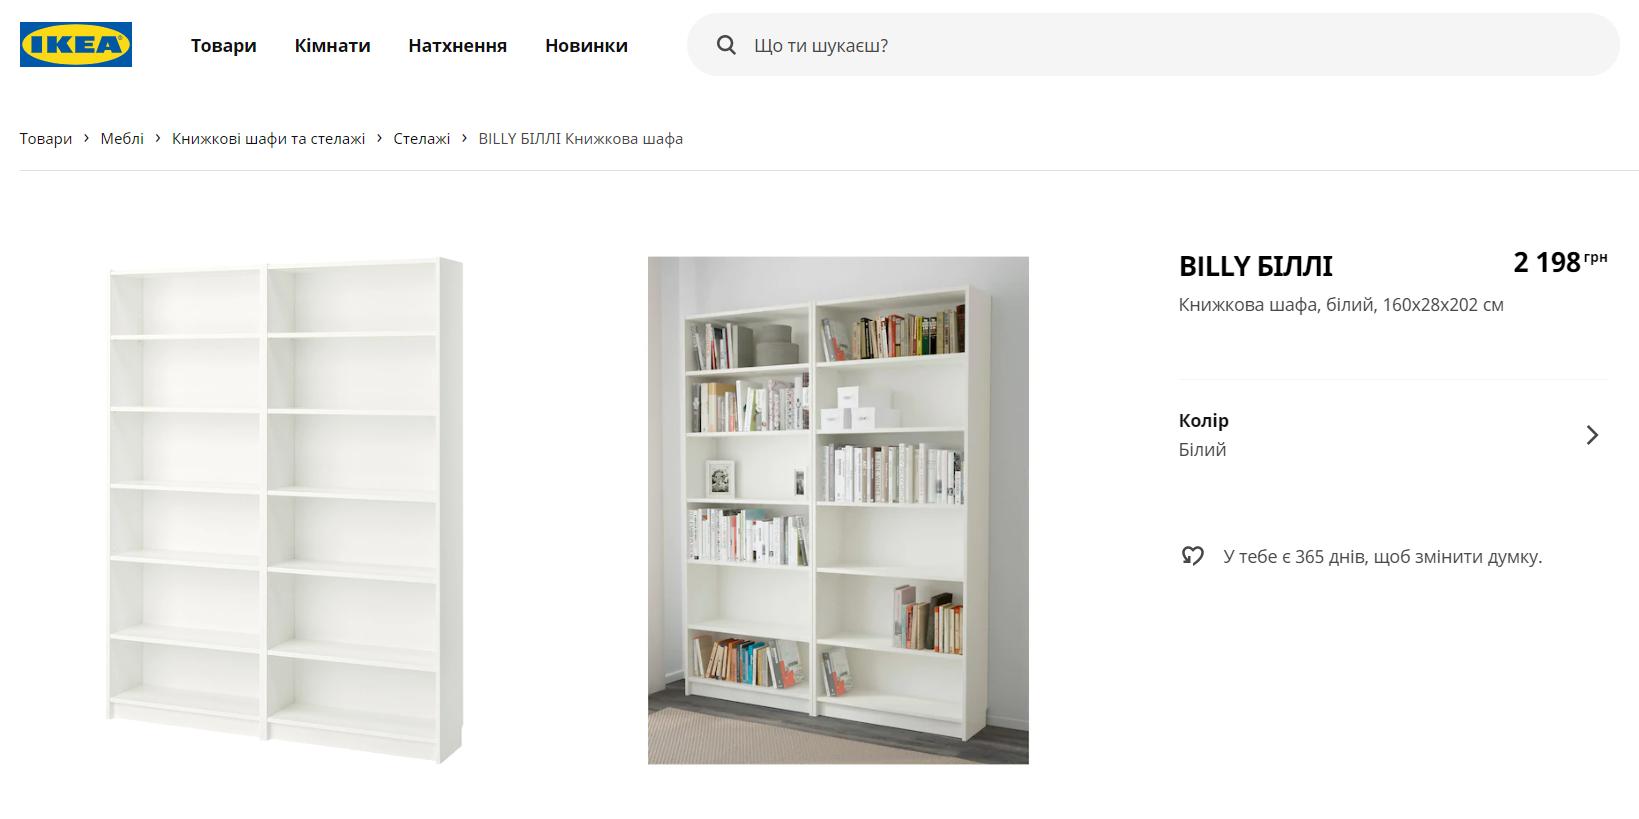 Приклад товарів на українському сайті IKEA